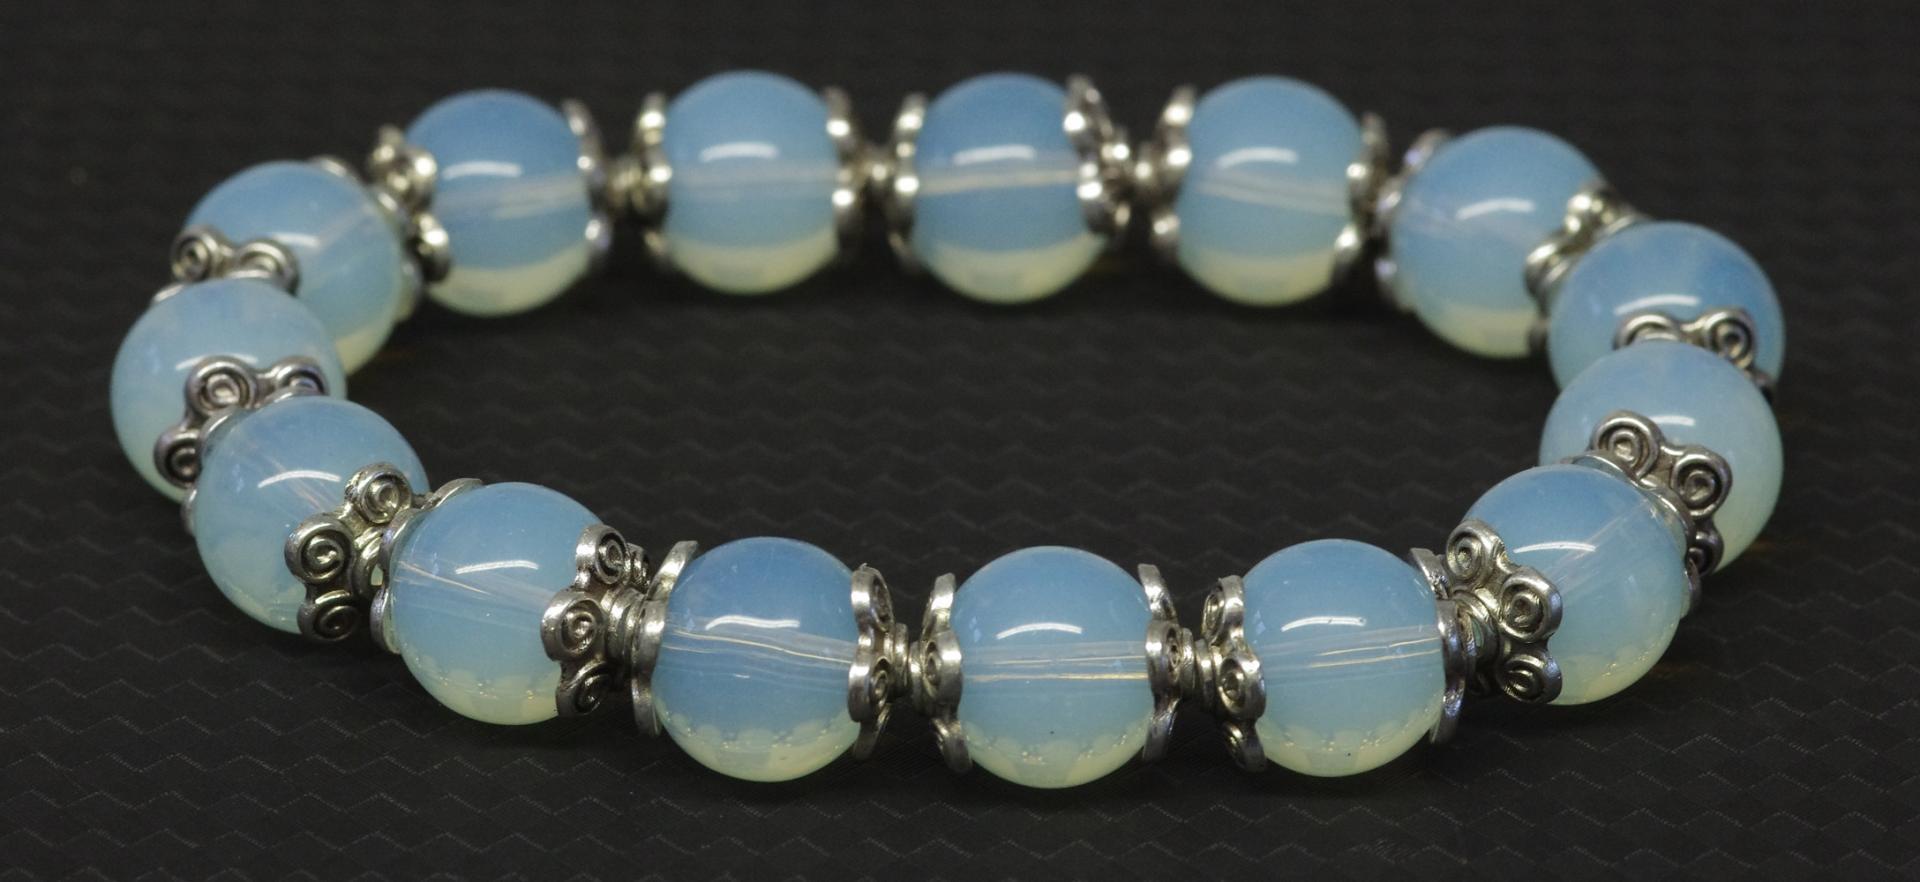 Bracelet opalite 3 1